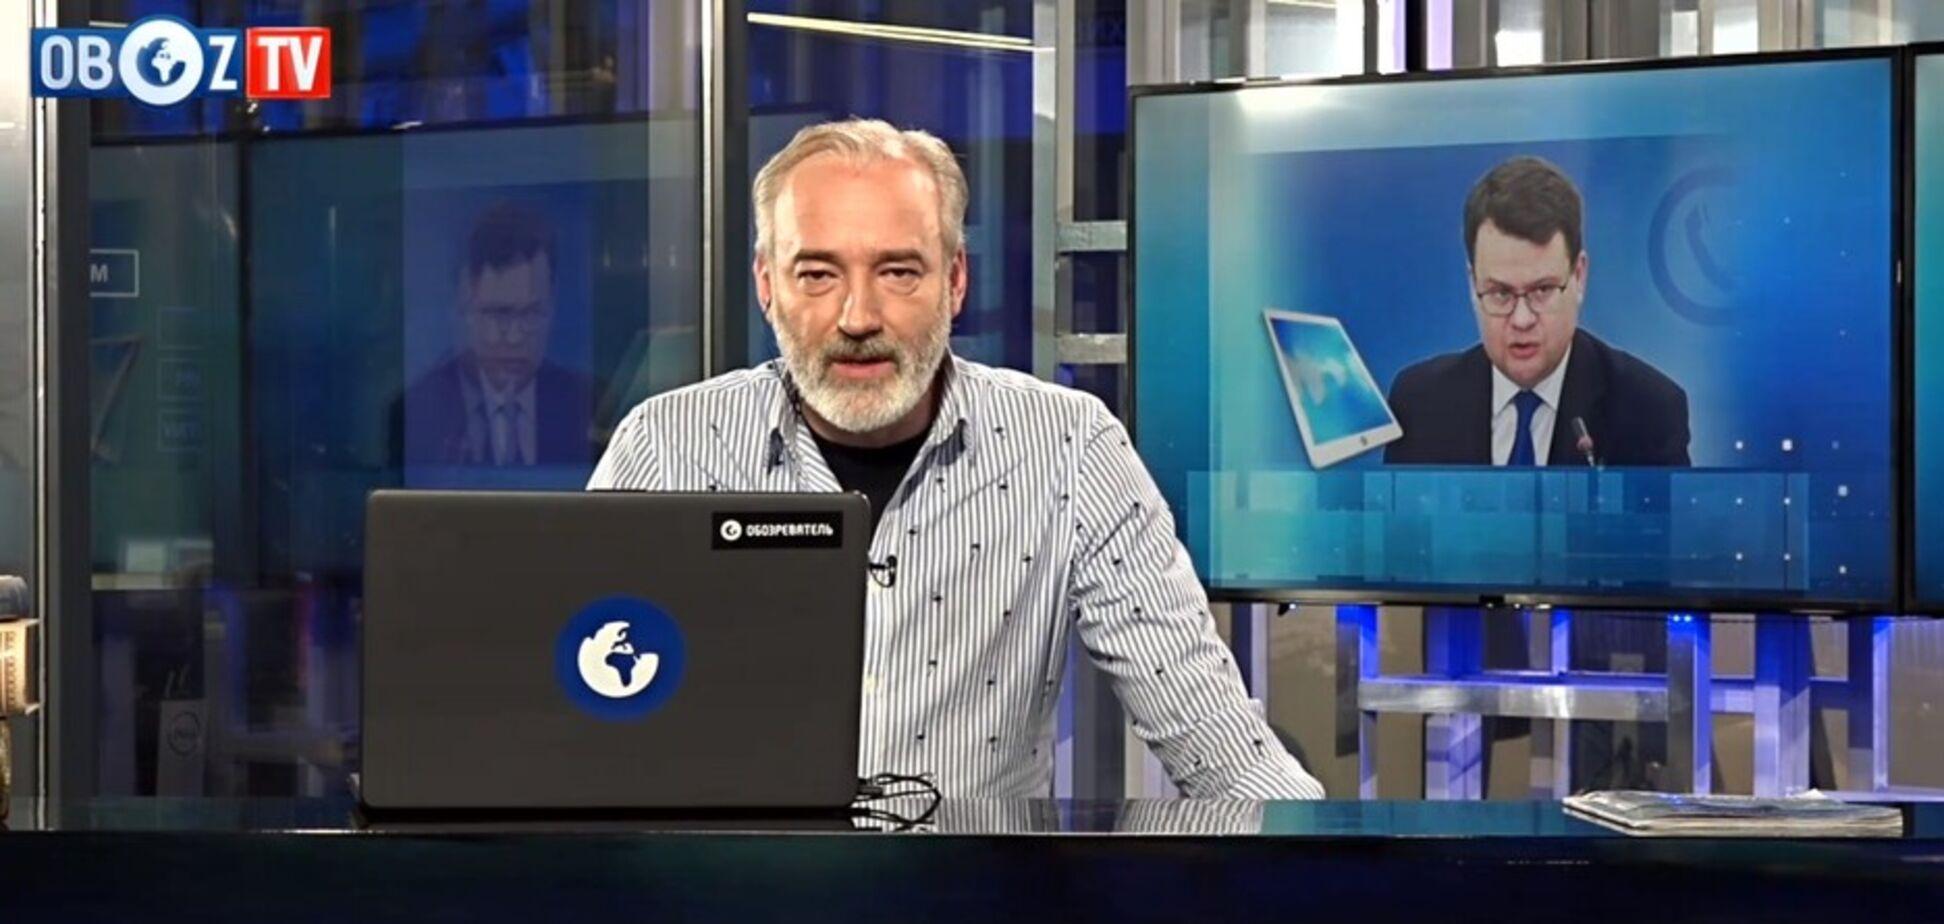 Коронавирус может ударить по украинской экономике: Игорь Гарбарук